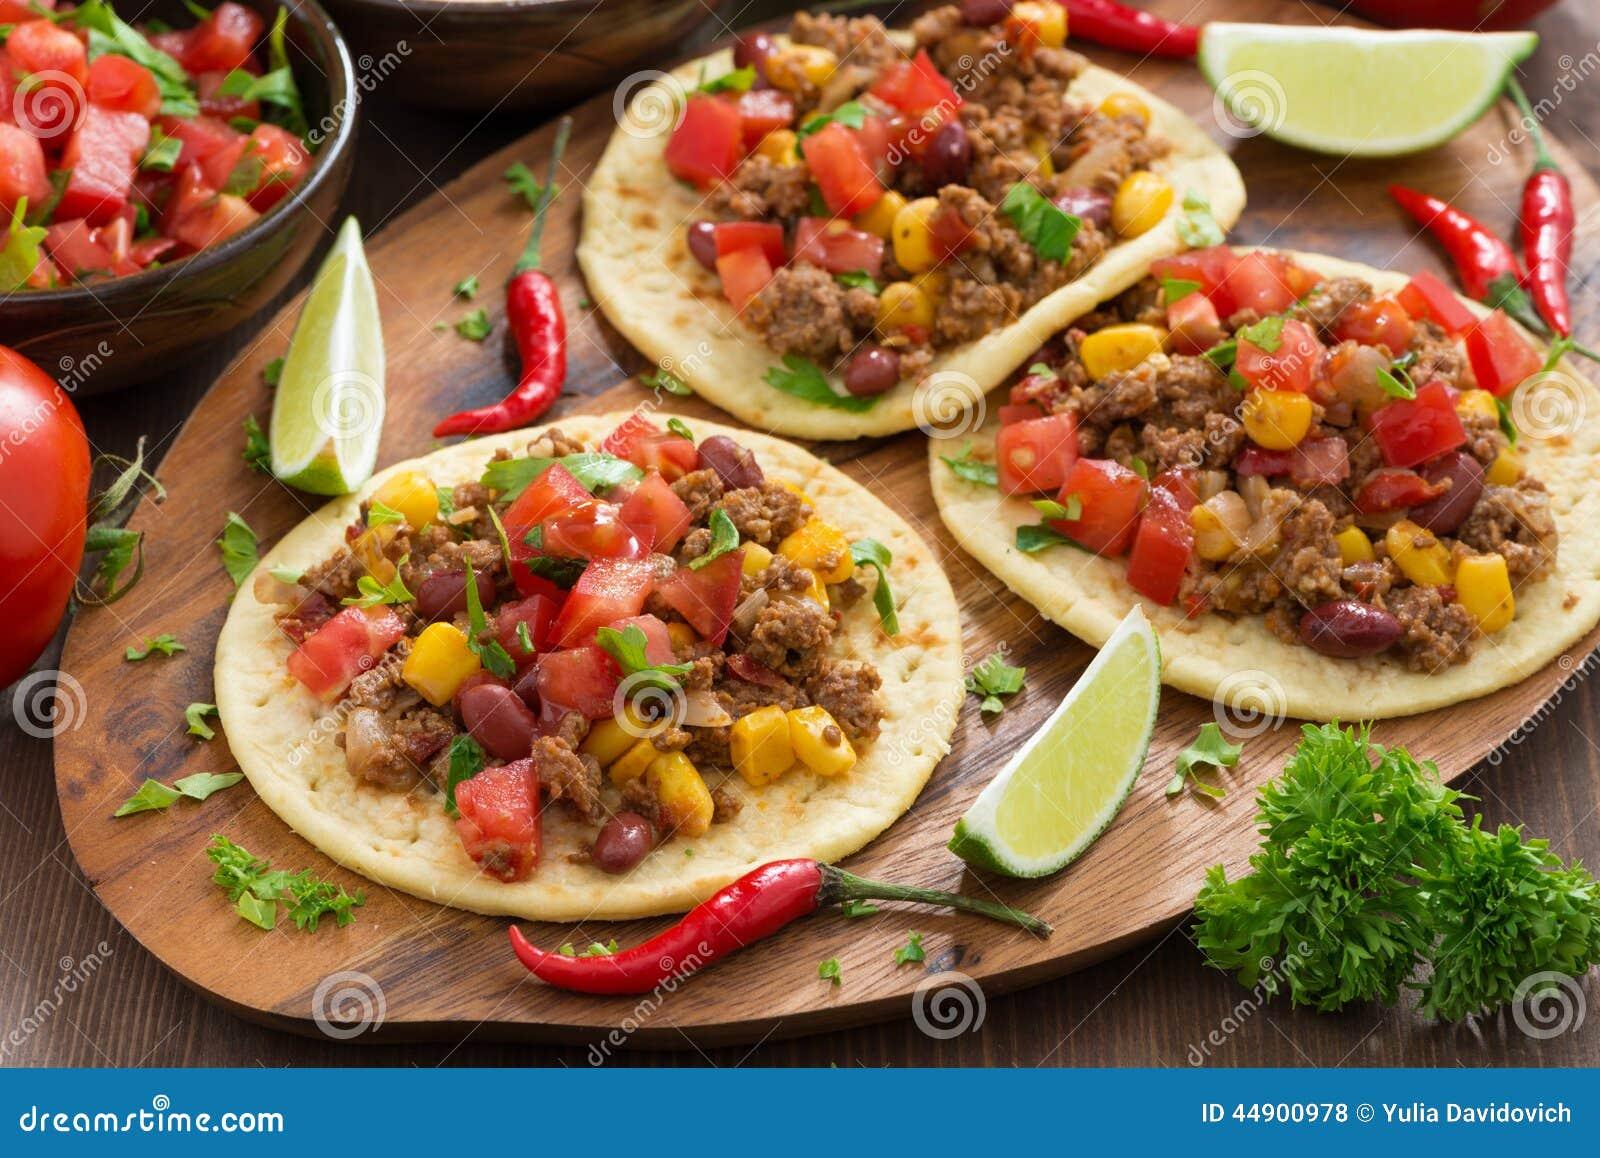 Mexikanische Küche - Tortillas Und Chili Con Carne Und Tomatensalsa Stockfoto - Bild: 44900978